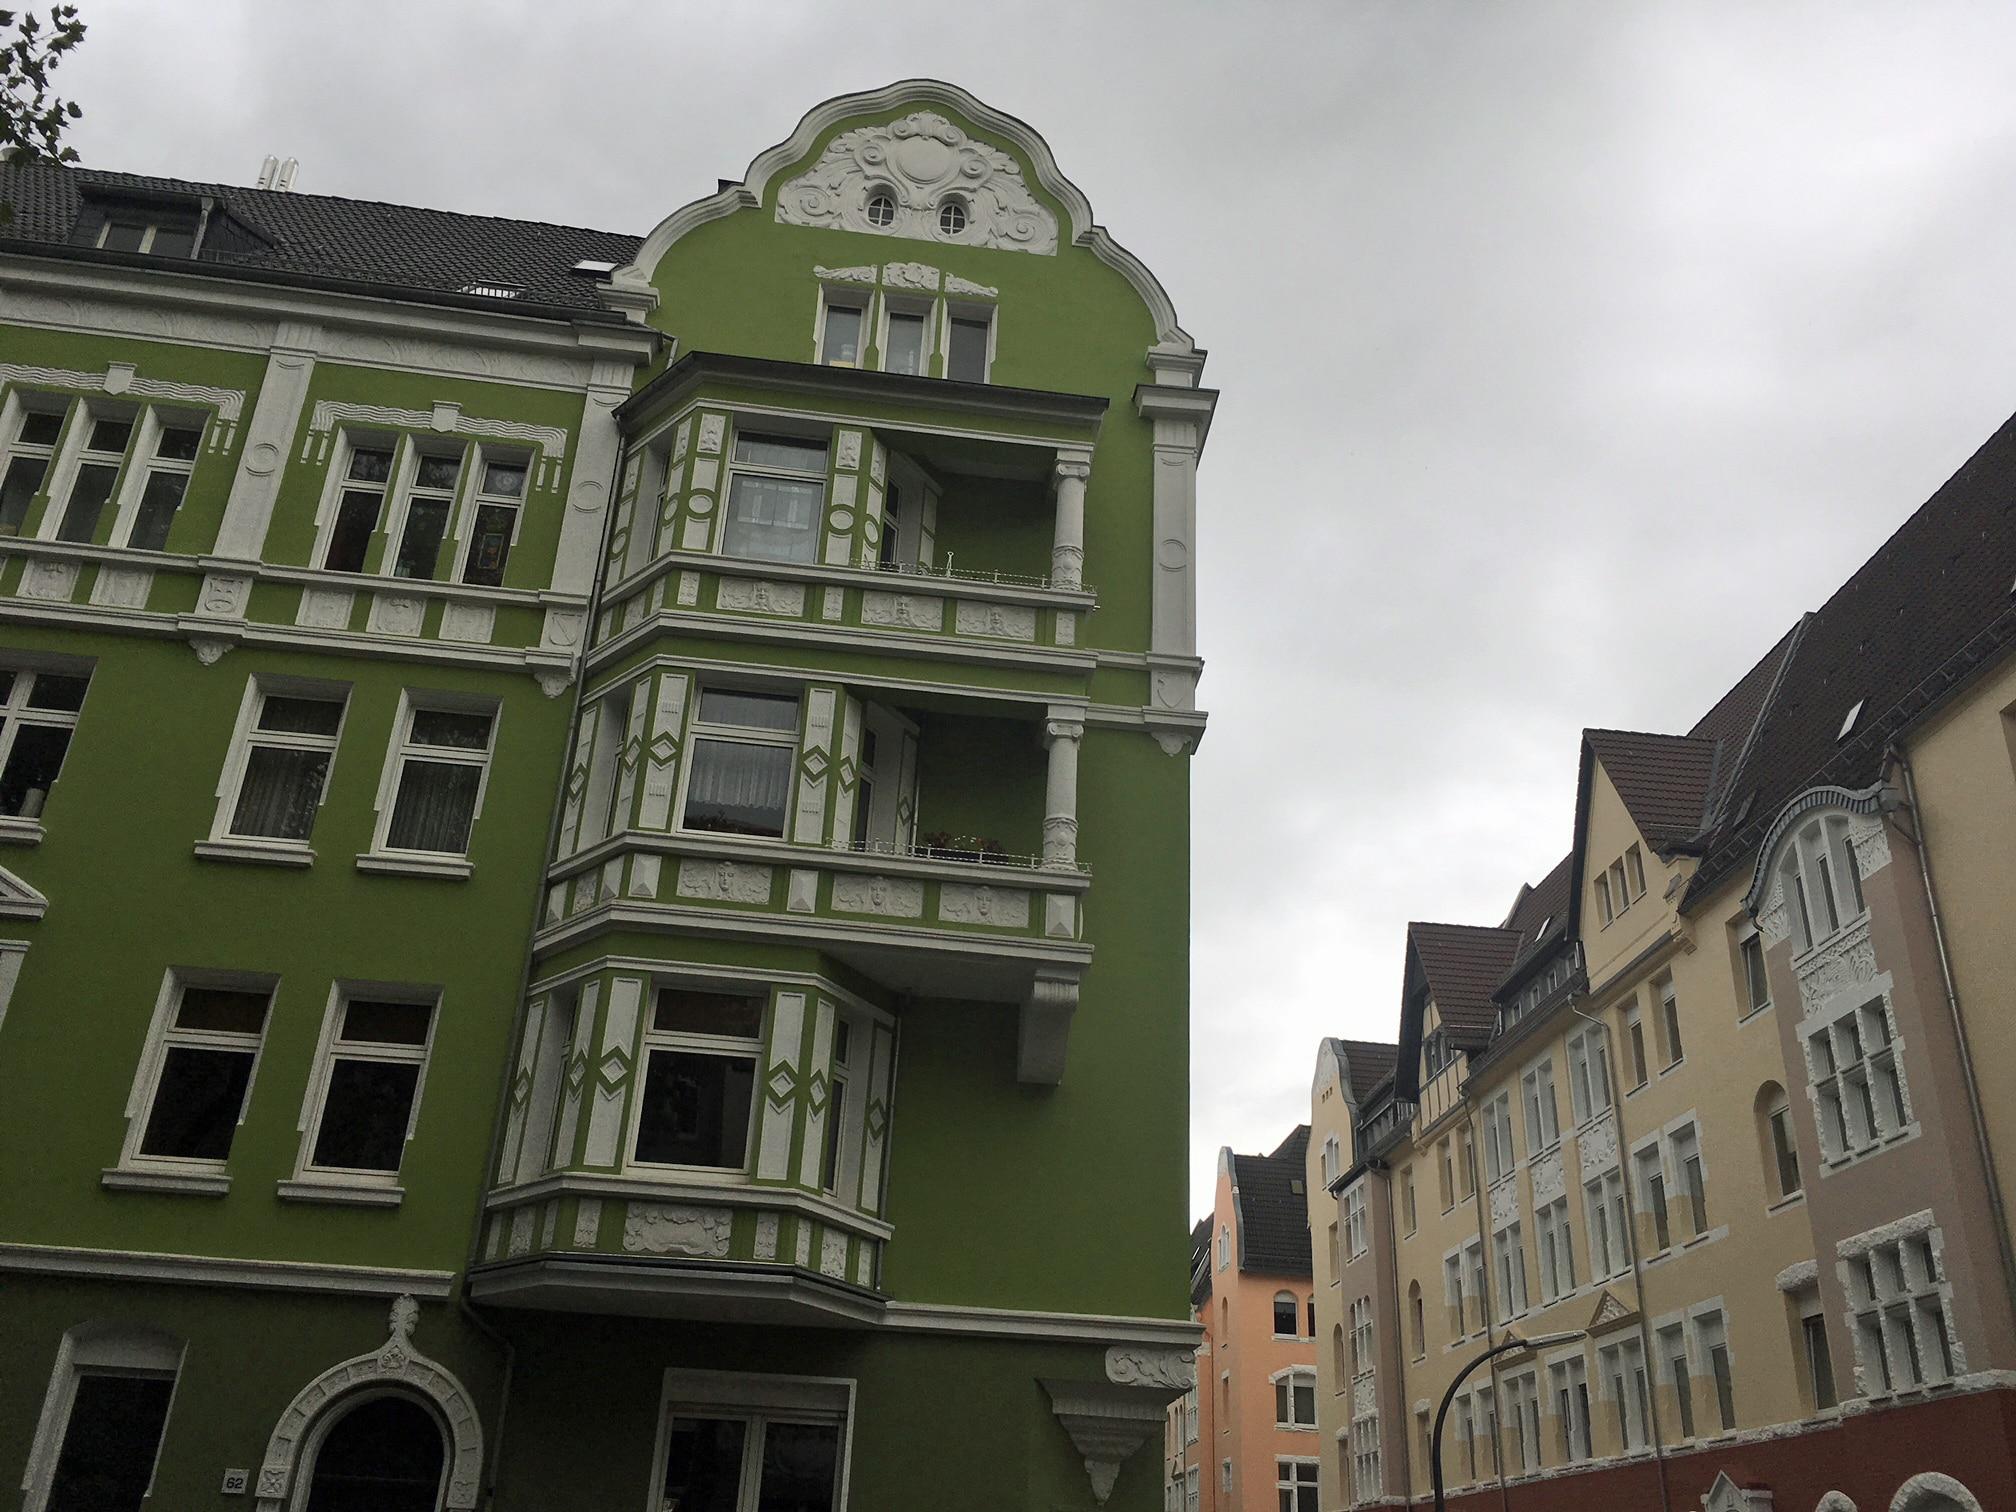 Rundgang im Kreuzviertel/Neuer Graben. (Foto: Stadt Dortmund)